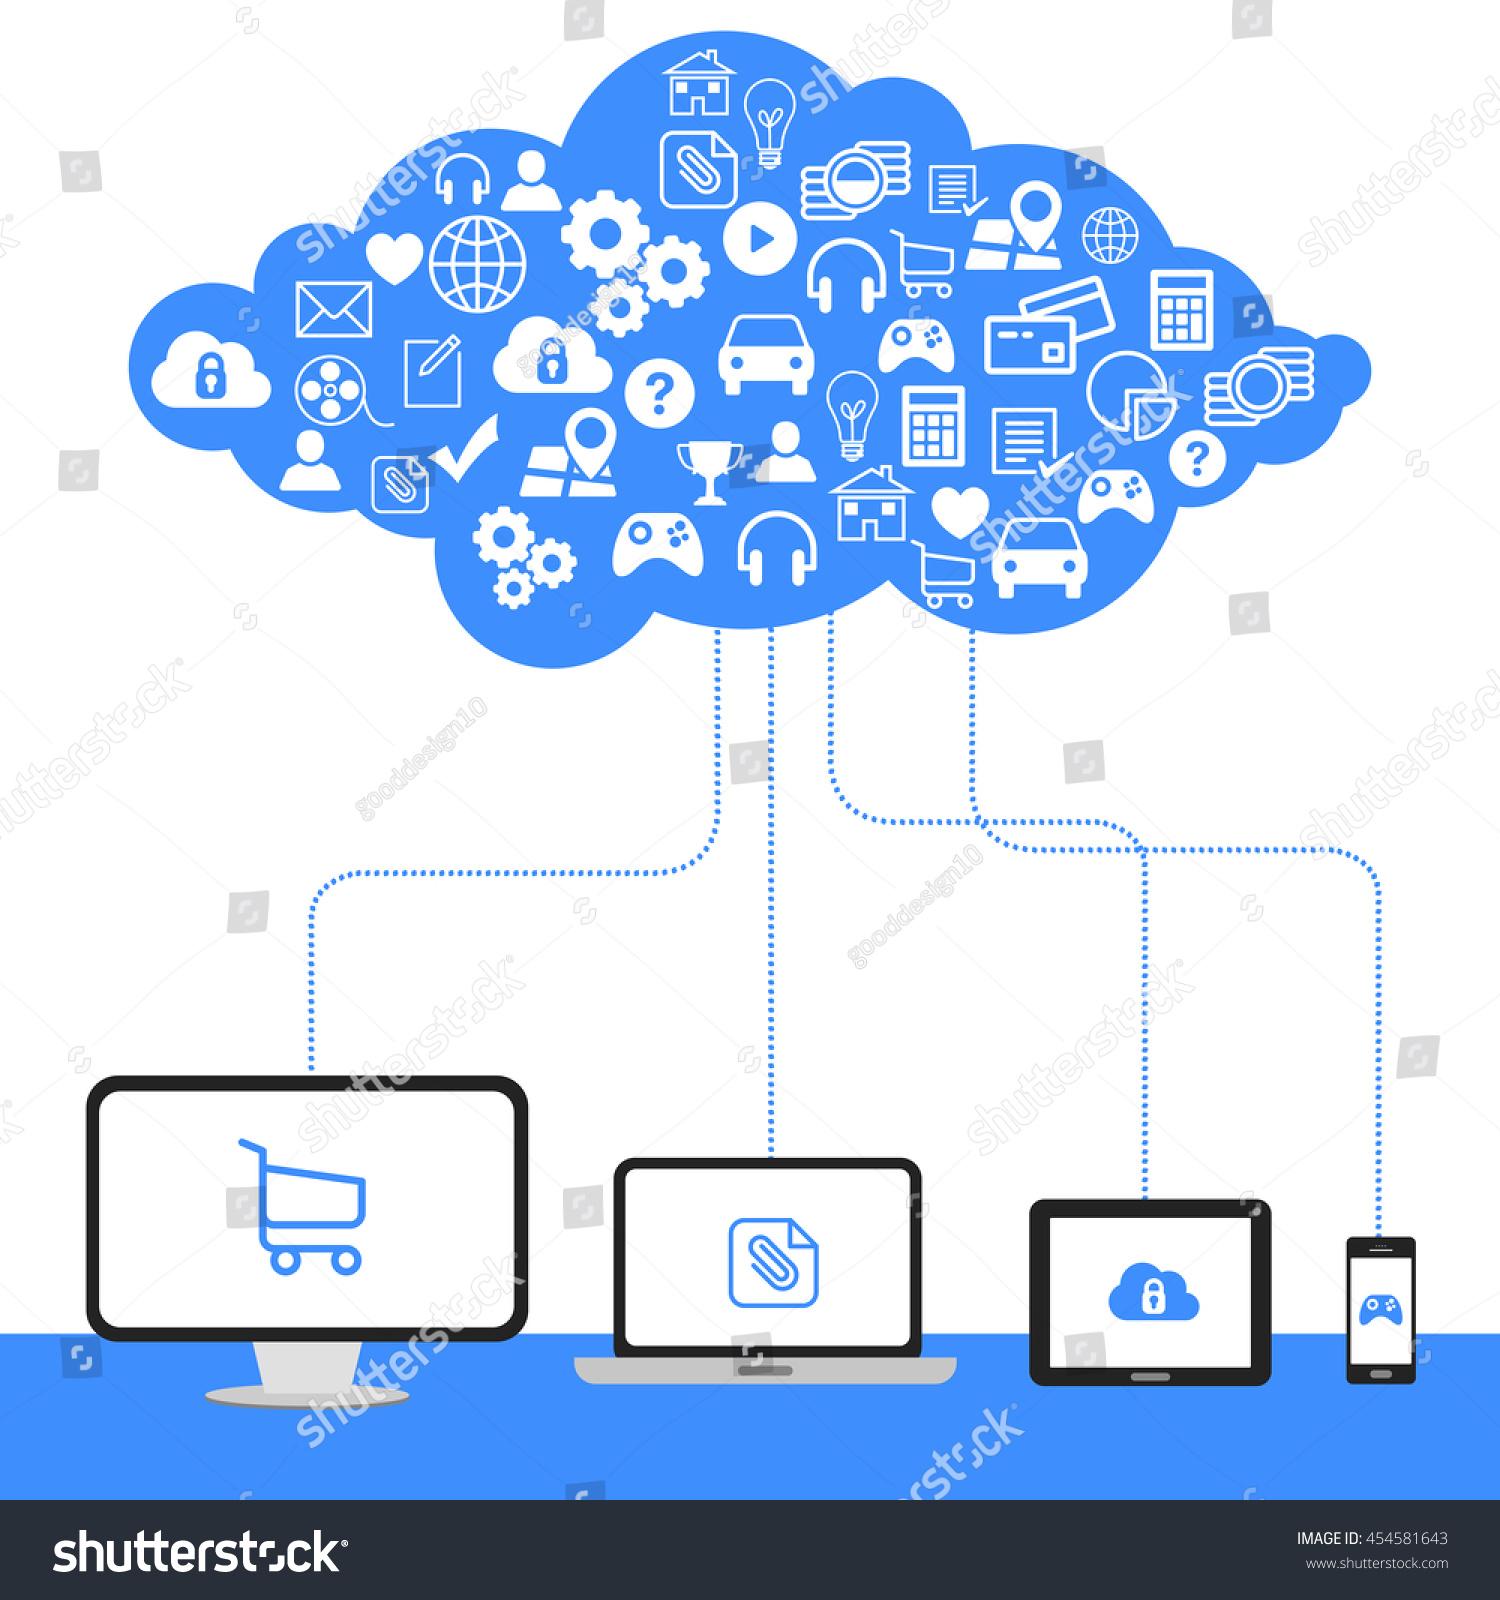 Edit Vectors Free Online - Cloud computing, | Shutterstock ...